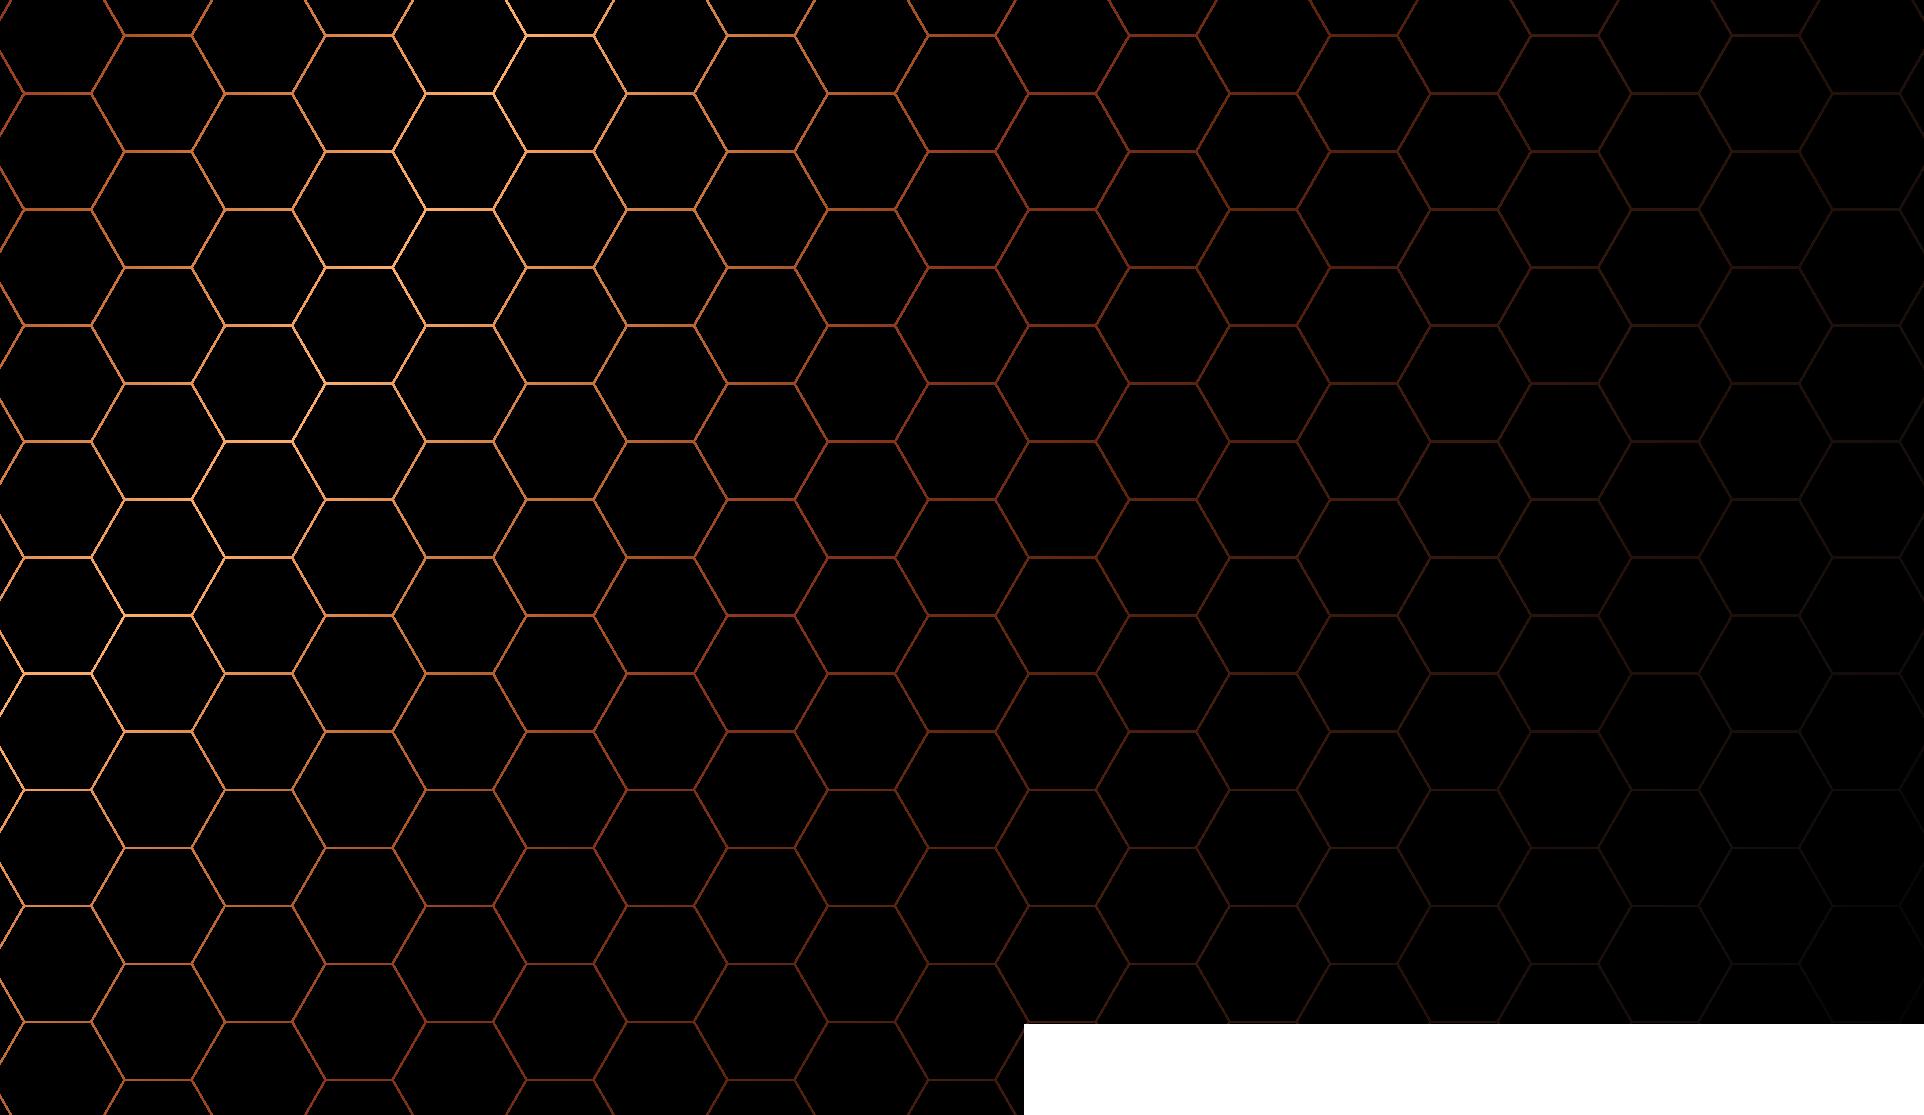 honey-comb.png